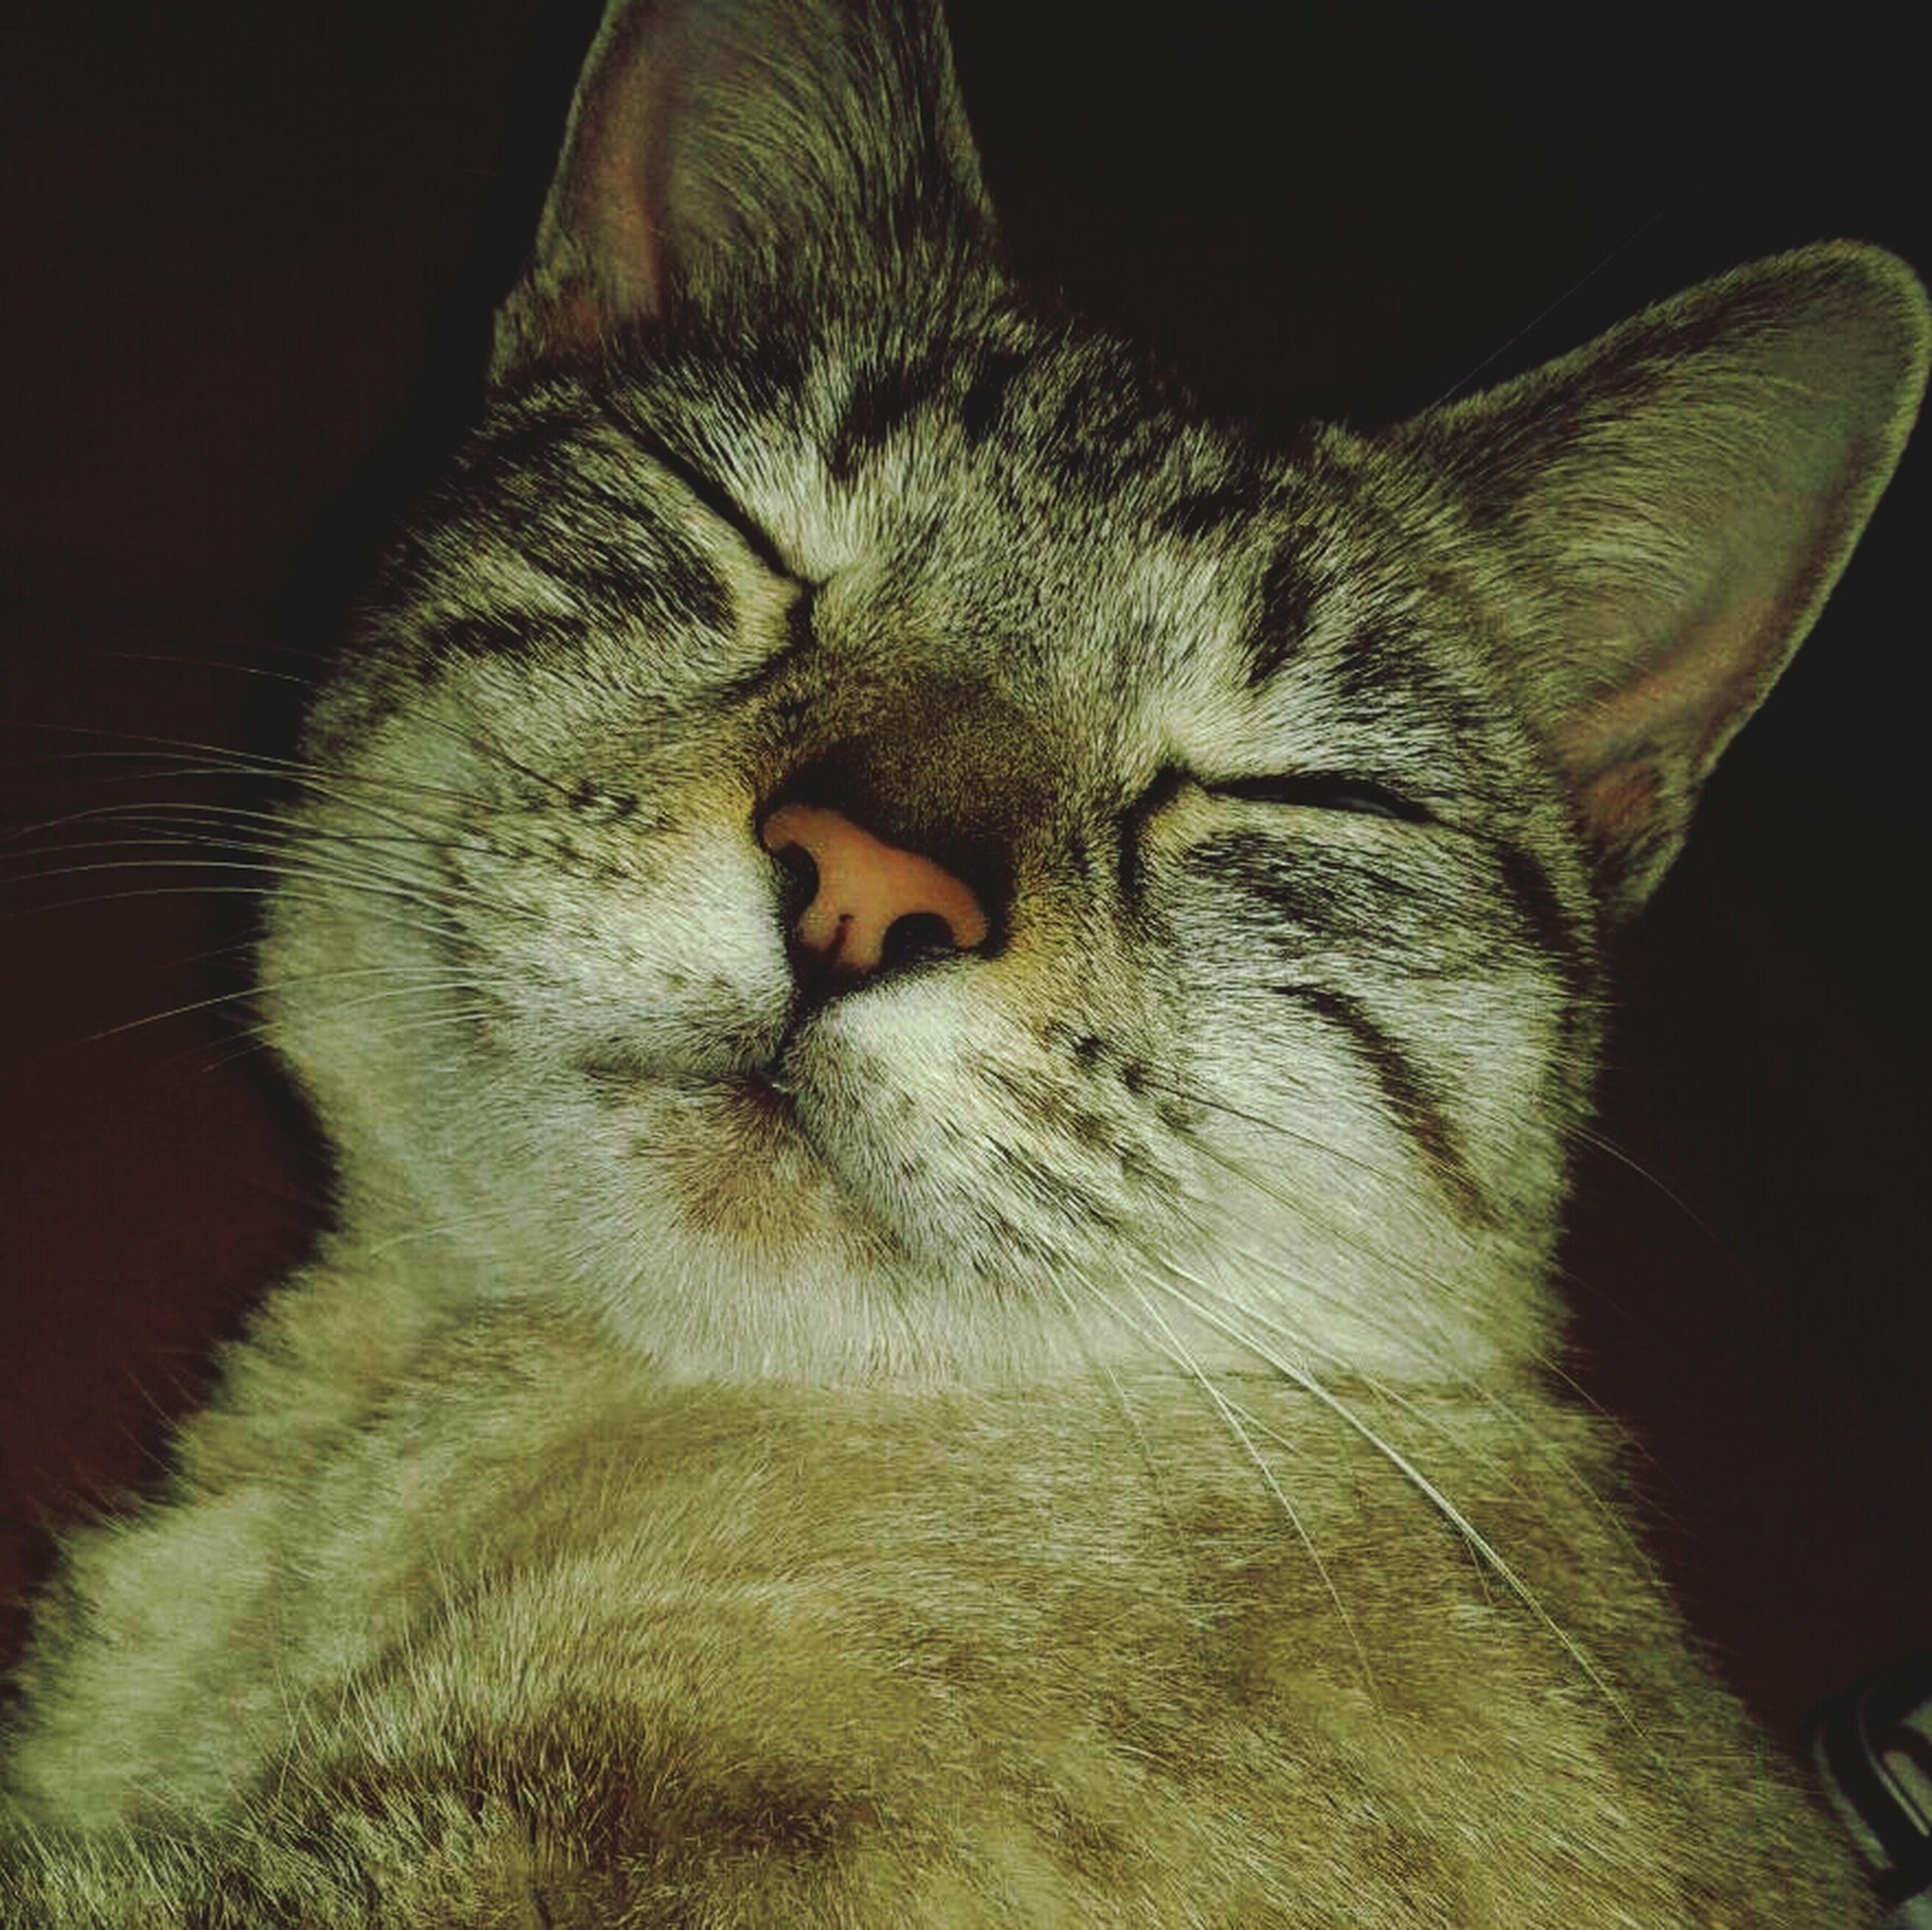 q chula mi mininaaa Cat Photos Enjoying Life Gatos Adorable Friends